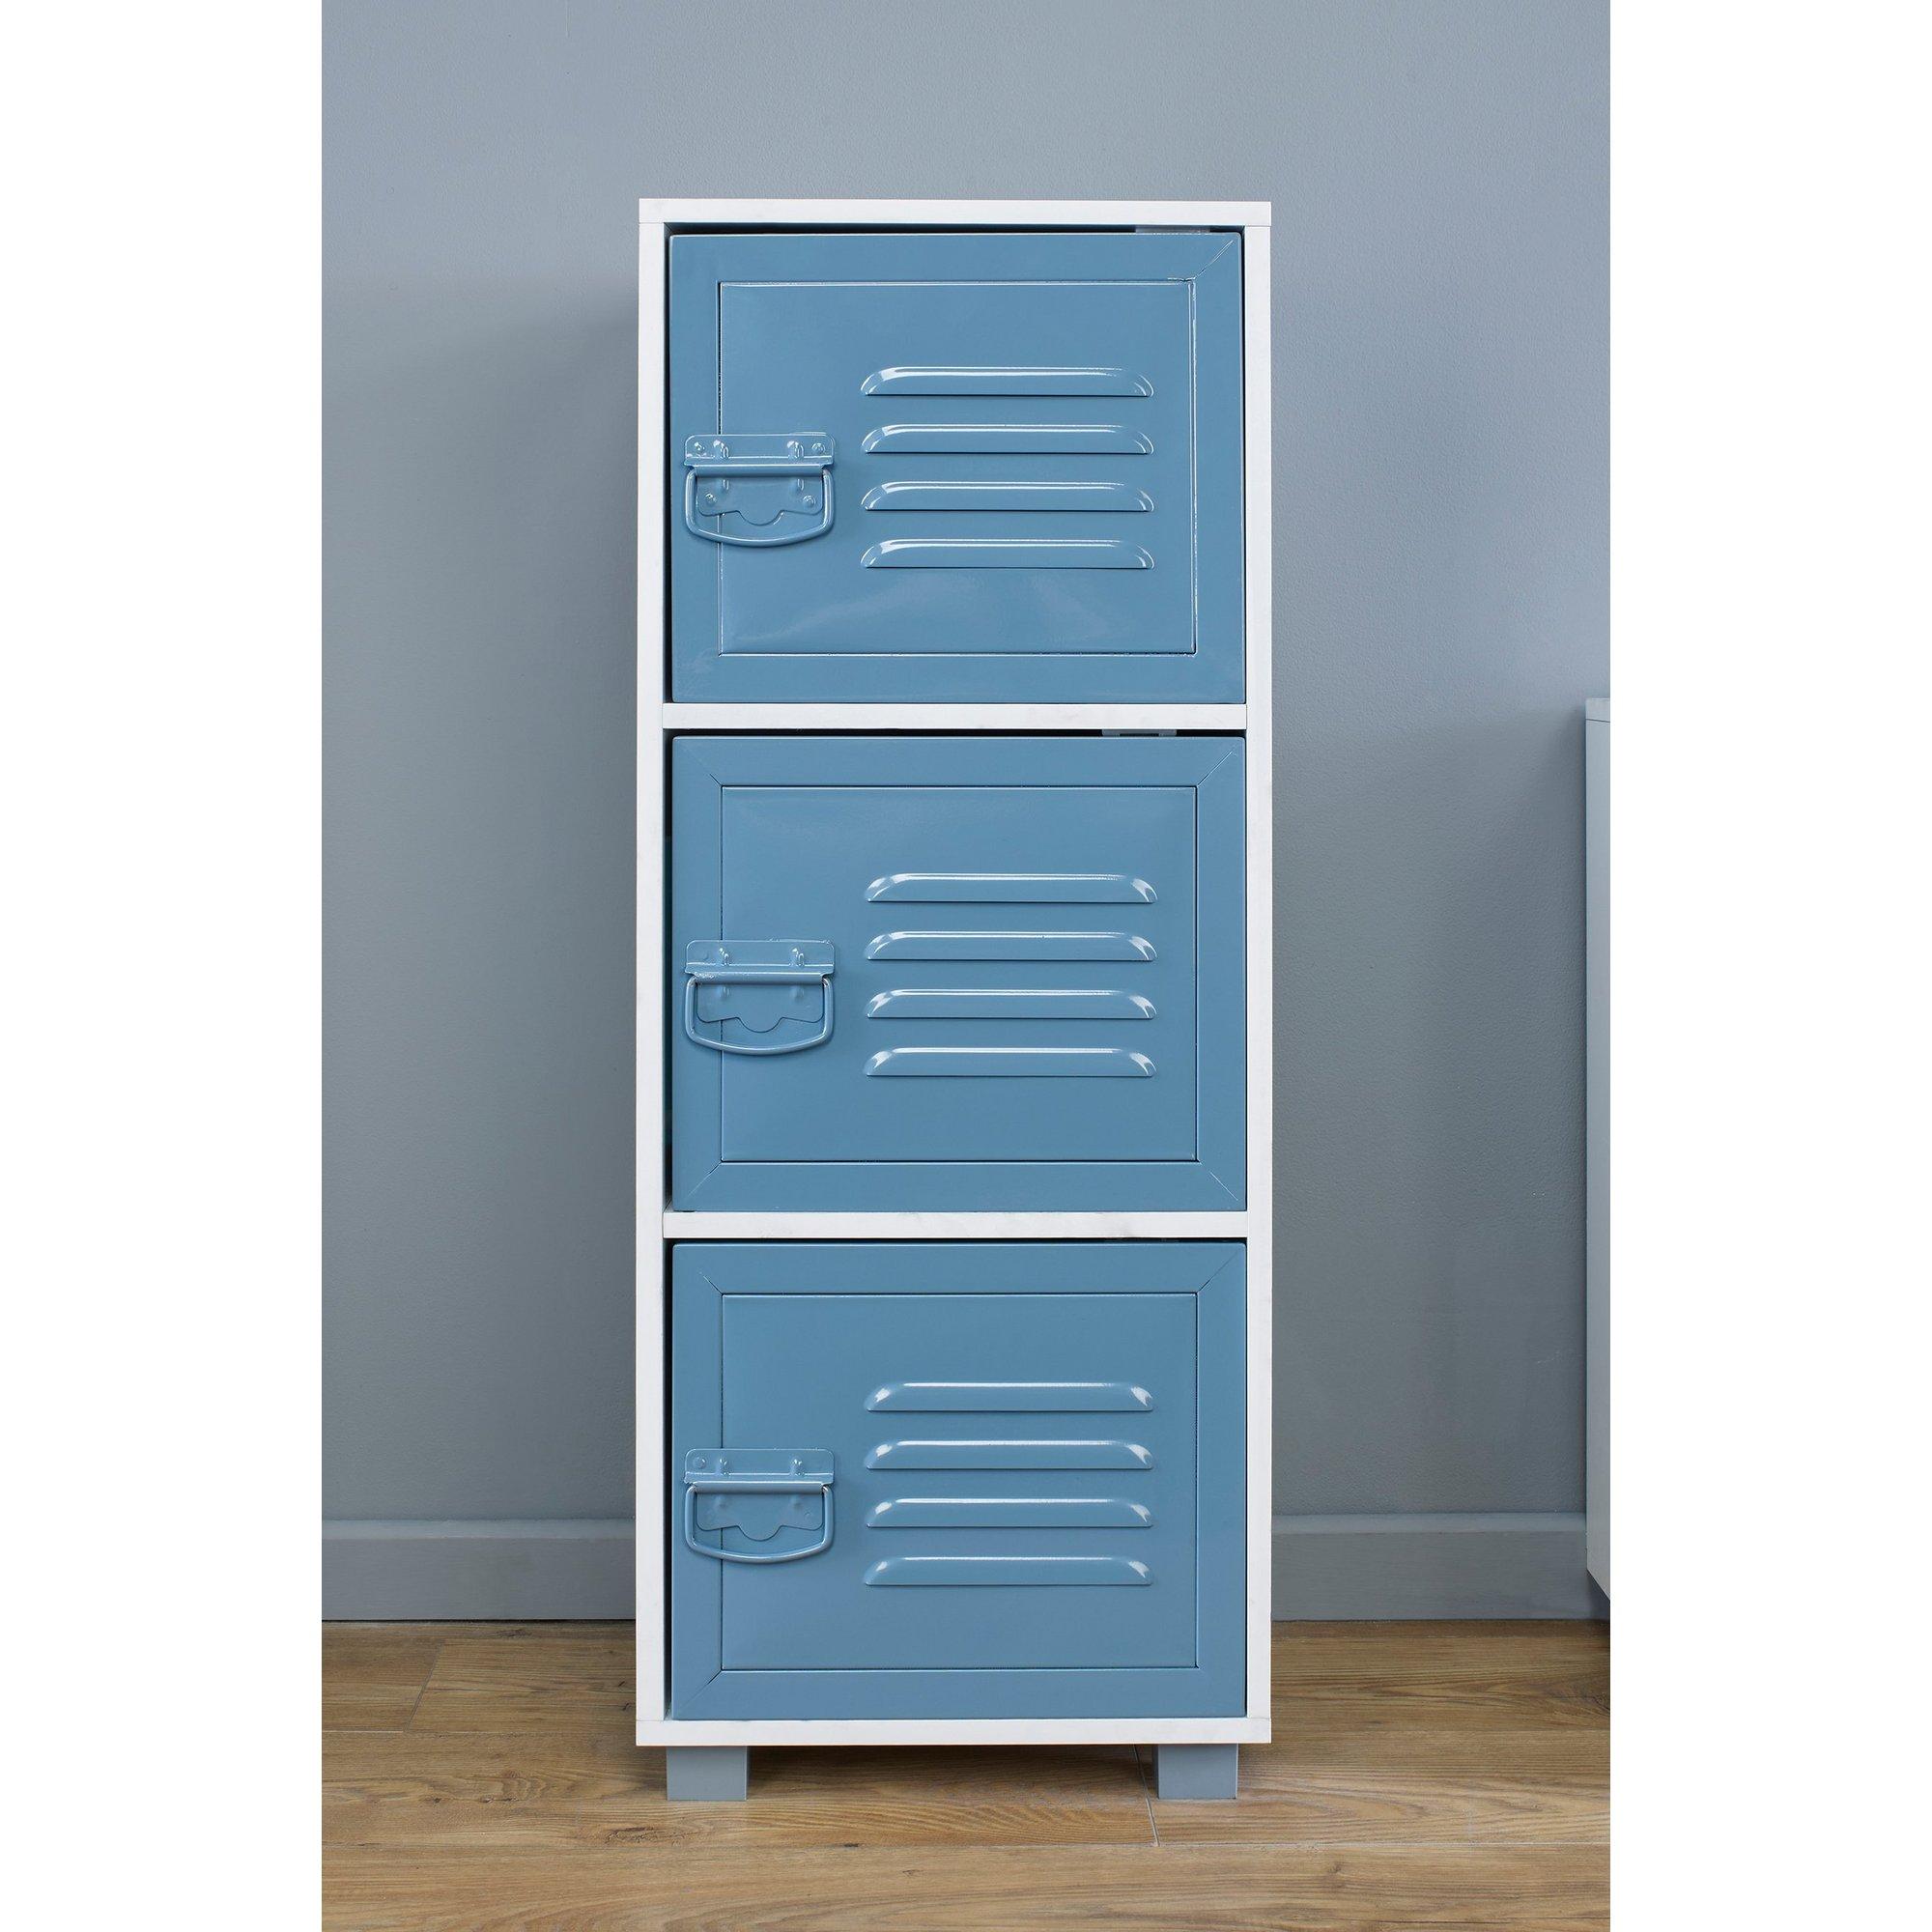 Image of 3 Door Cabinet with Metal Doors